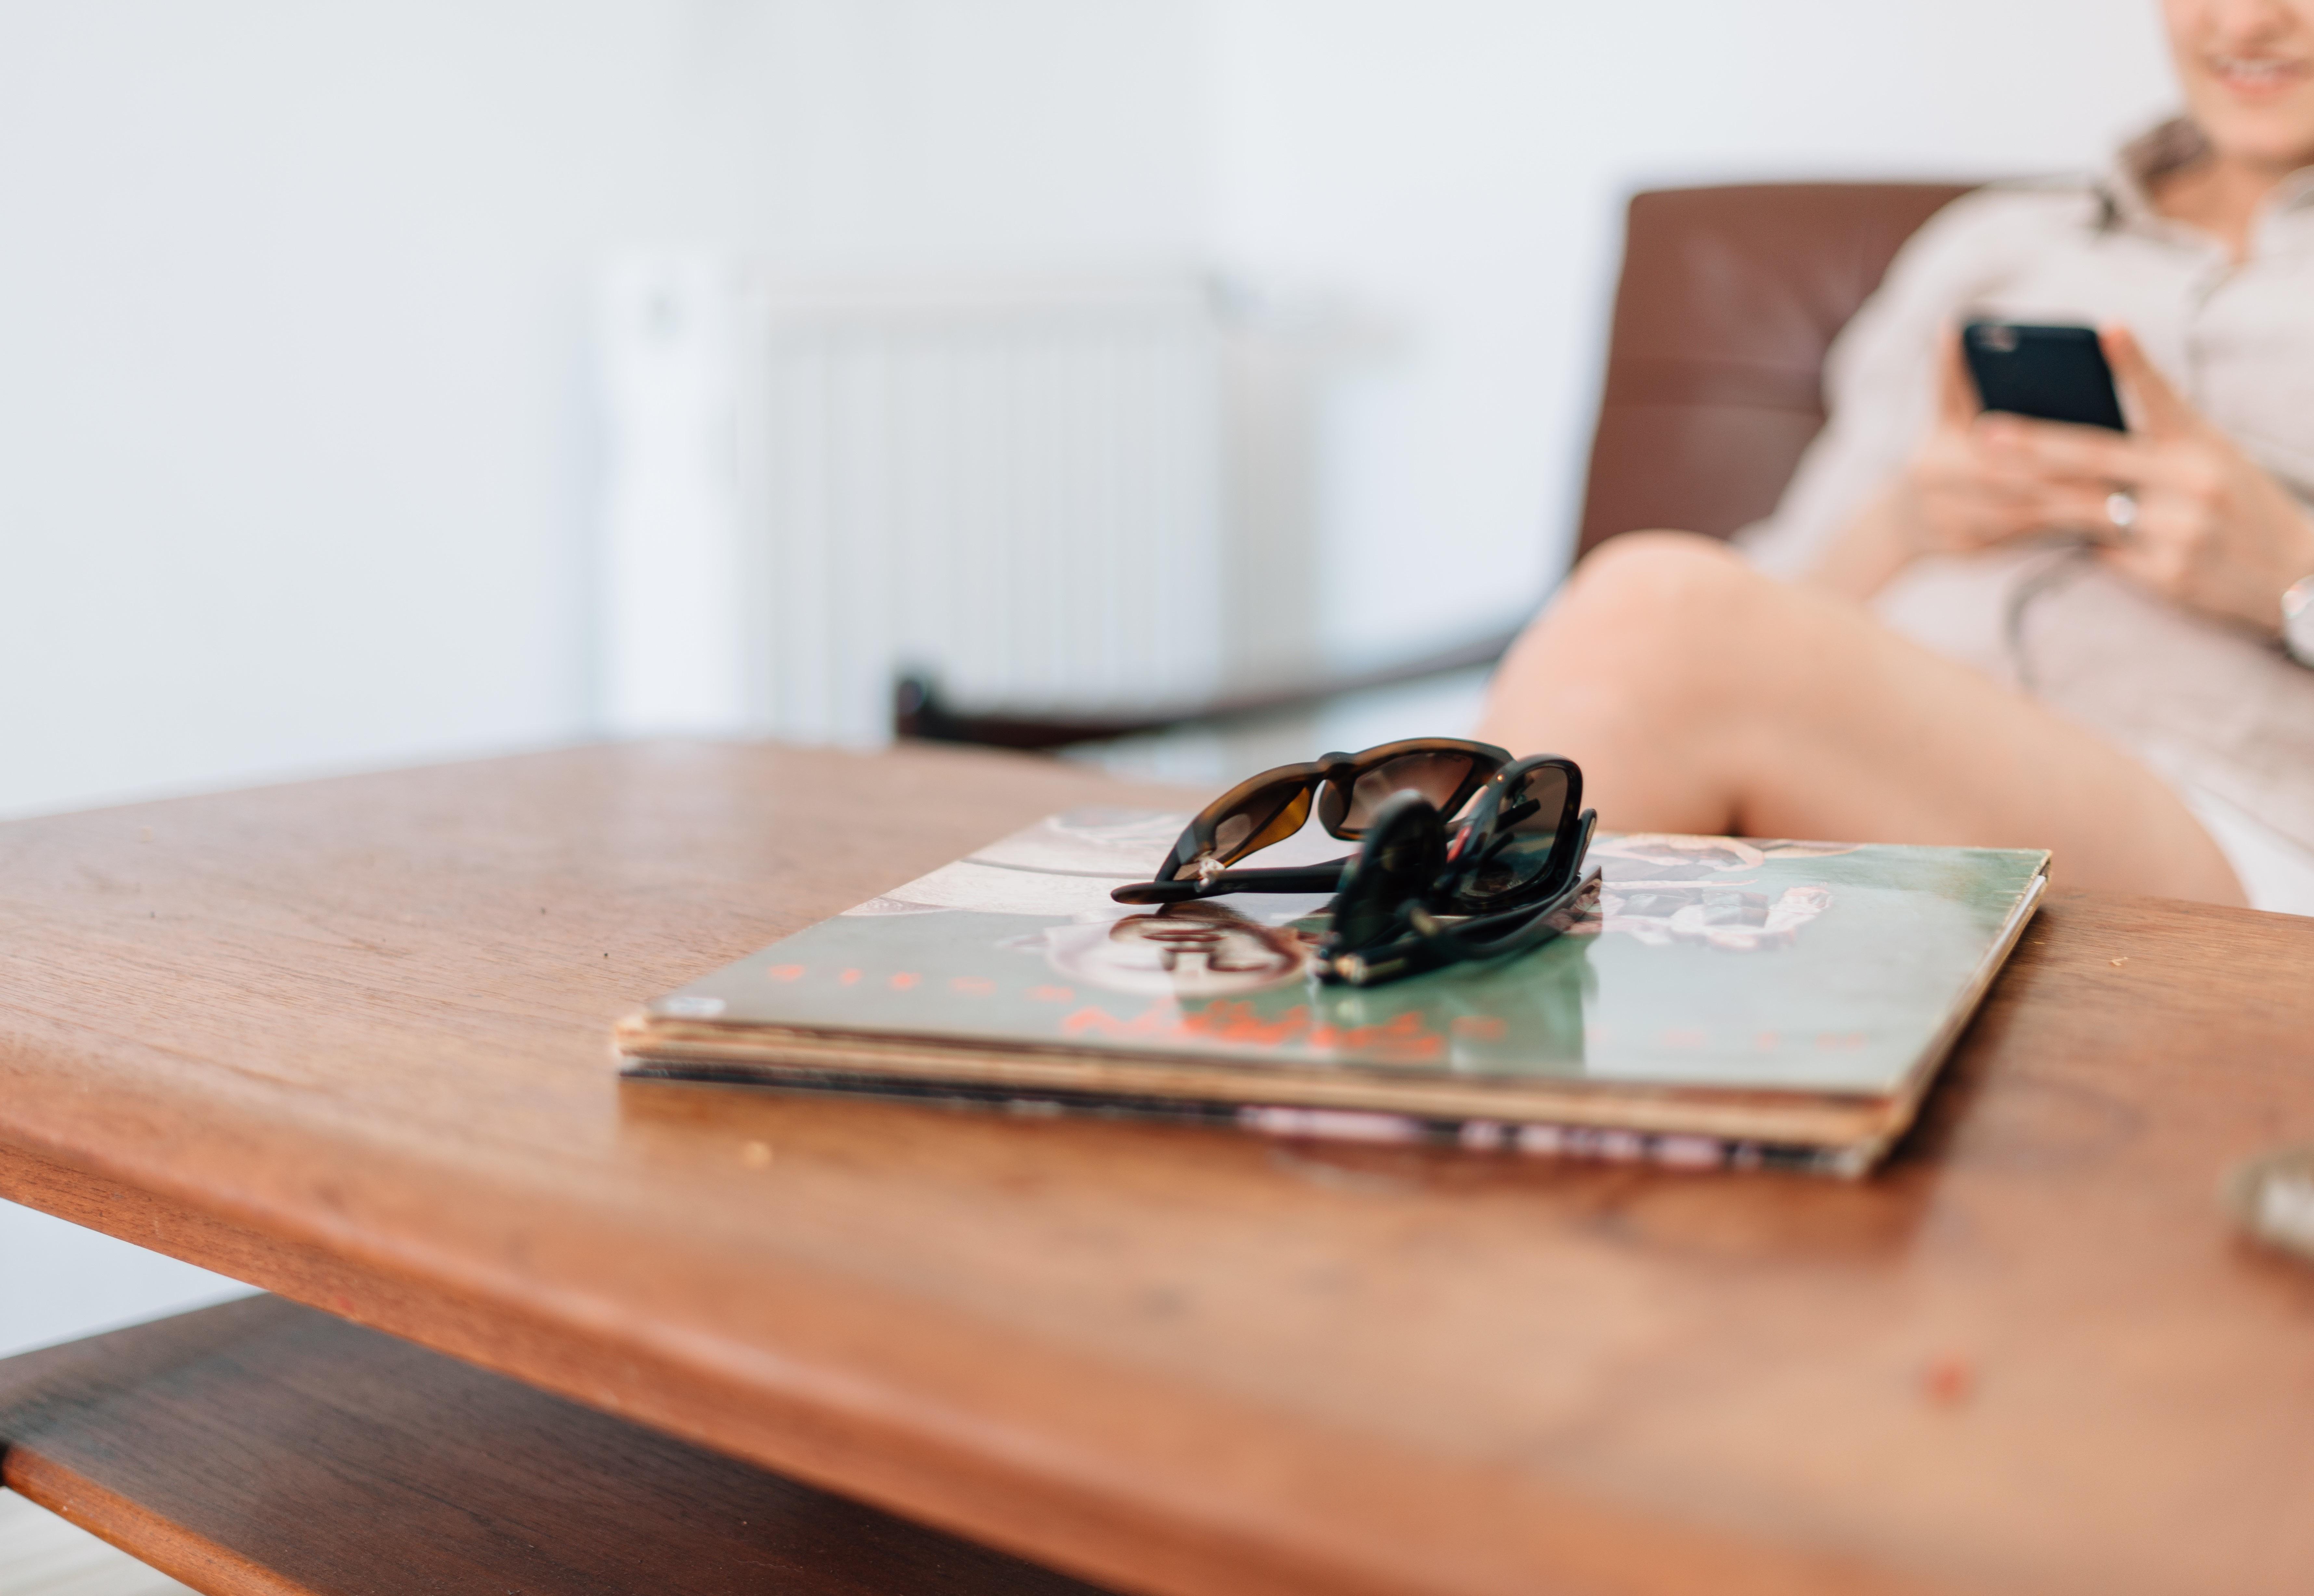 Mobile Schreiben Tabelle Holz Sommer  Ferien Entspannen Sie Sich Möbel  Lebensstil Freizeit Mobiltelefon Entwurf Sonnenbrille